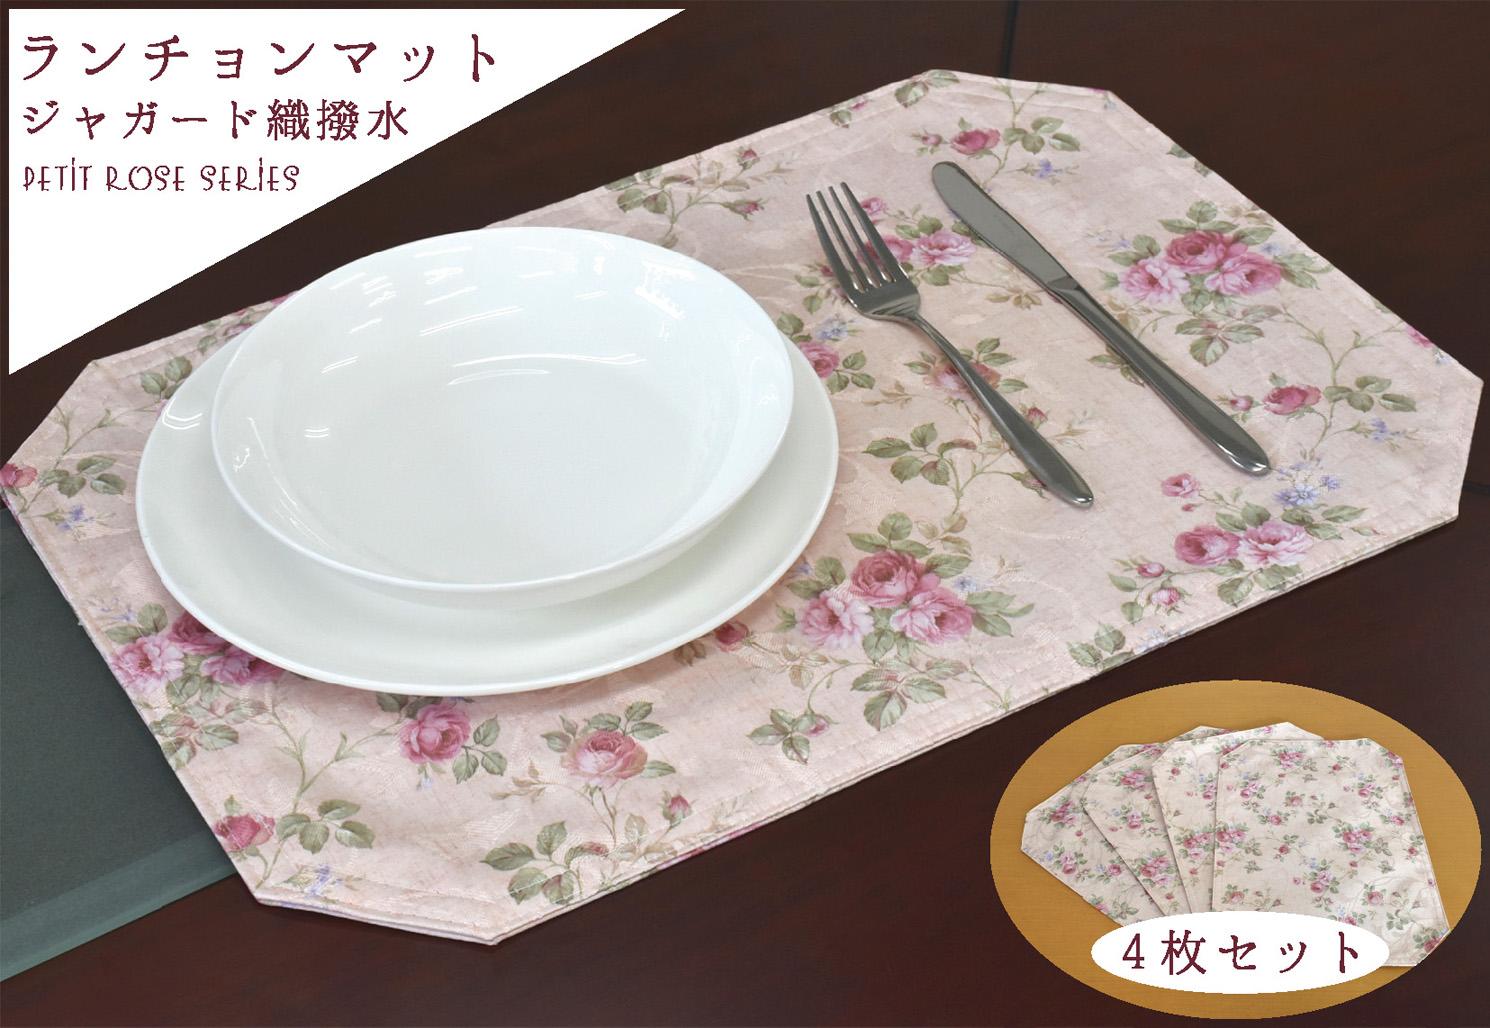 【ランチョンマット】 ランチョン マット 敷物 ローズ ジャガード 撥水 オリジナル 32×45